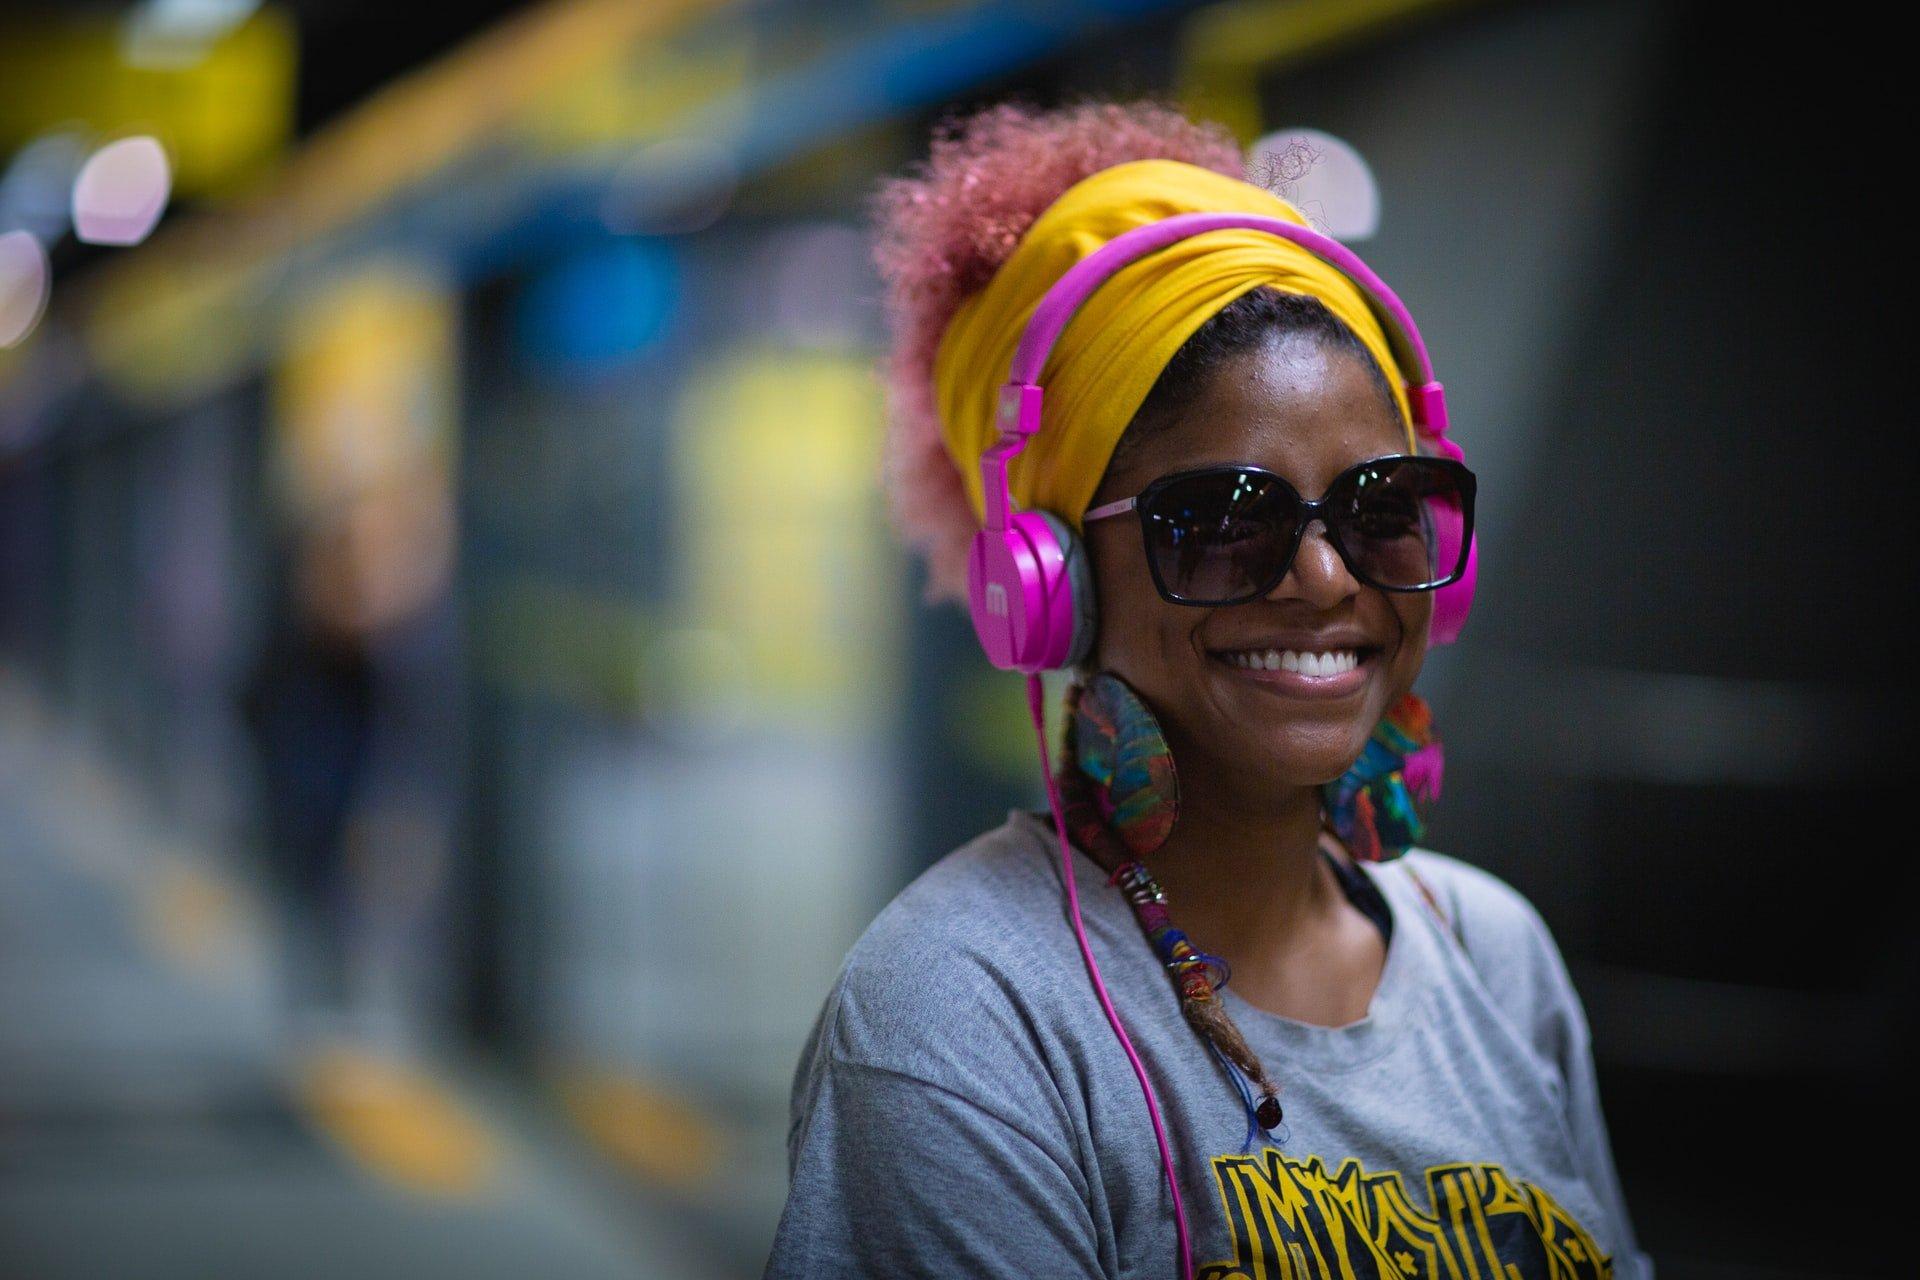 Best Cyber Monday Deals on Headphones 2021